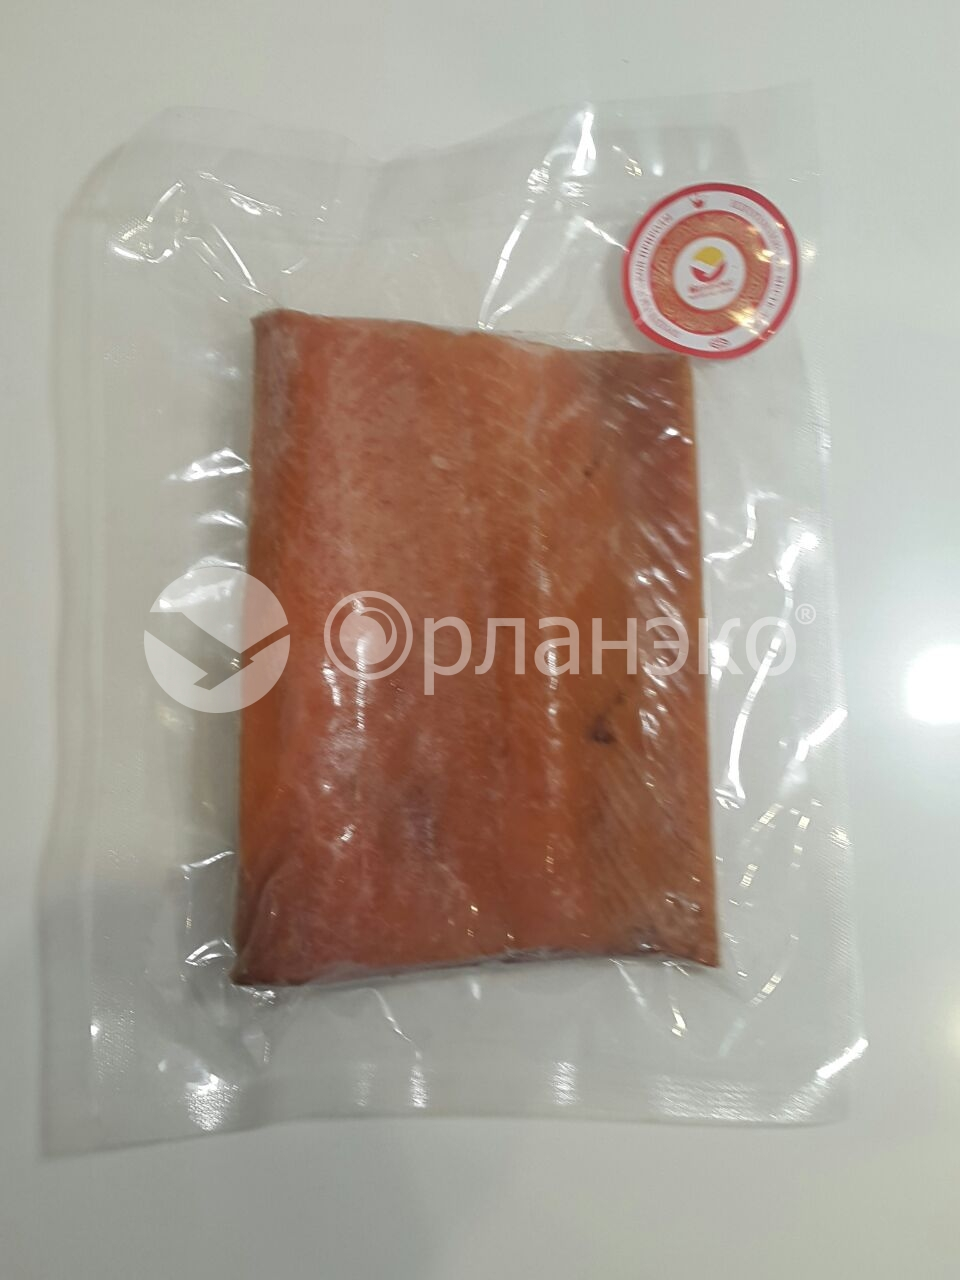 Филе лосося свежемороженое, слабосоленое, подкопченное